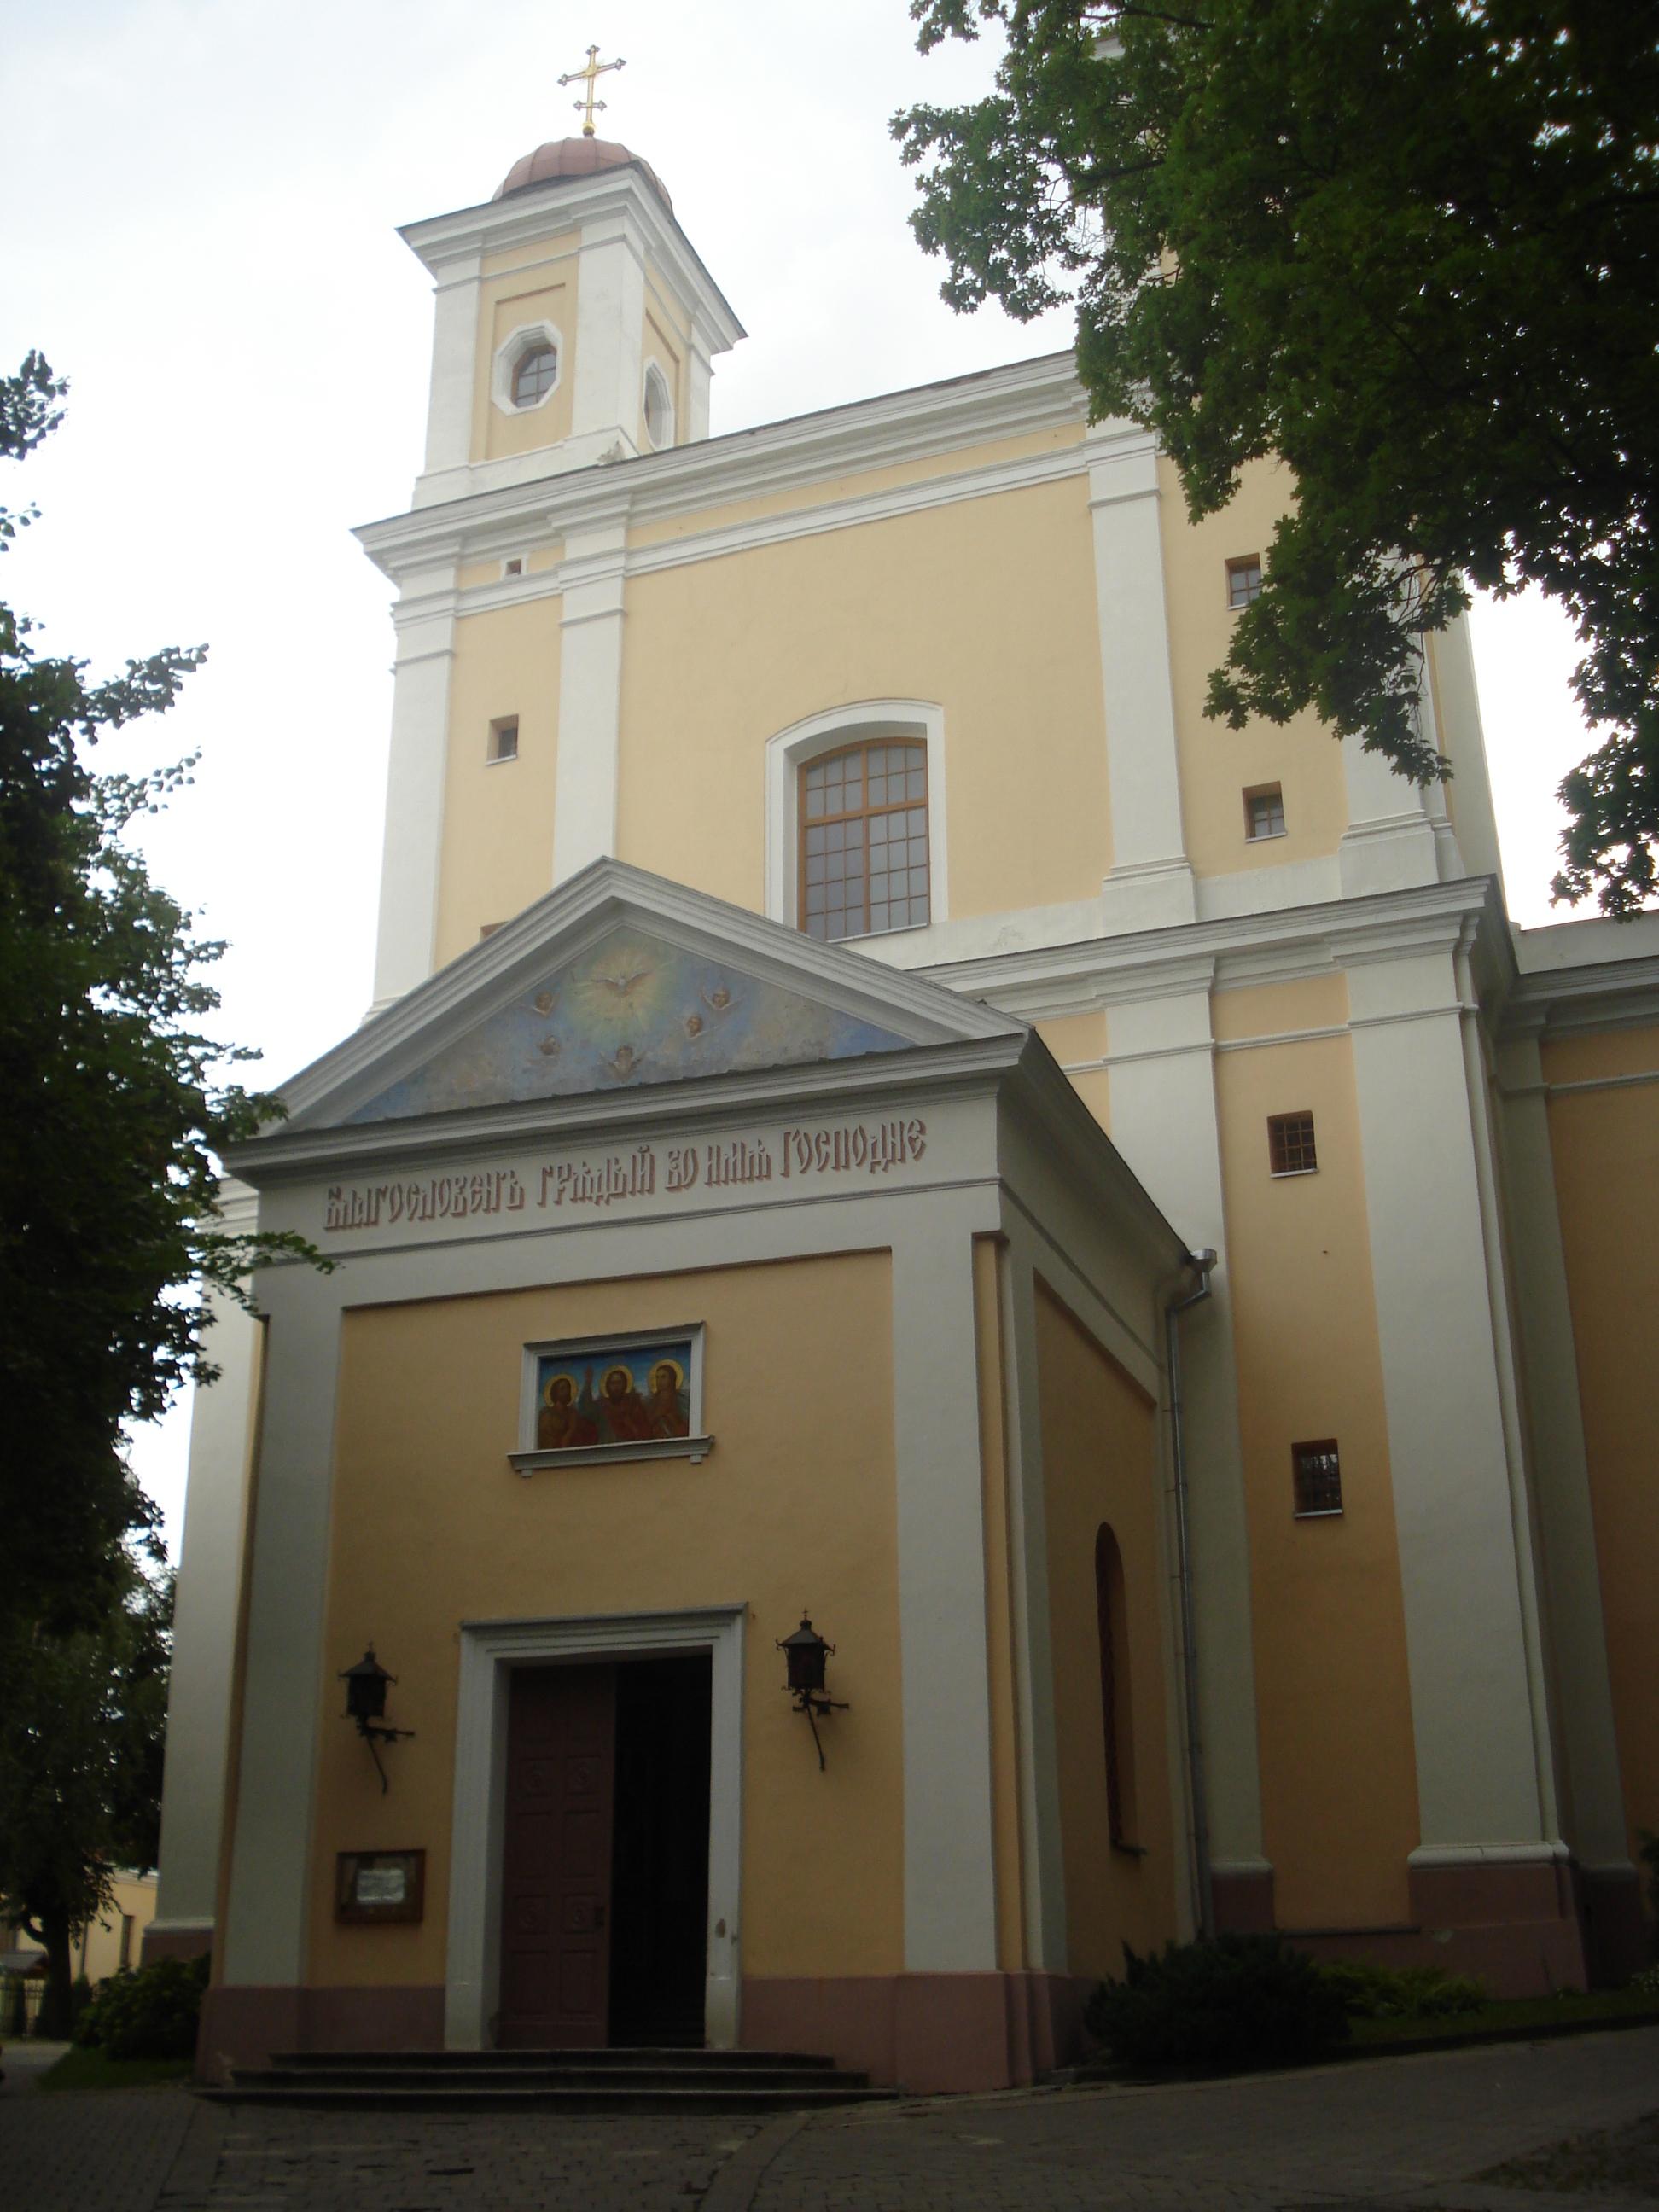 Ducha.Cerkiew Swietego Ducha W Wilnie Wikipedia Wolna Encyklopedia